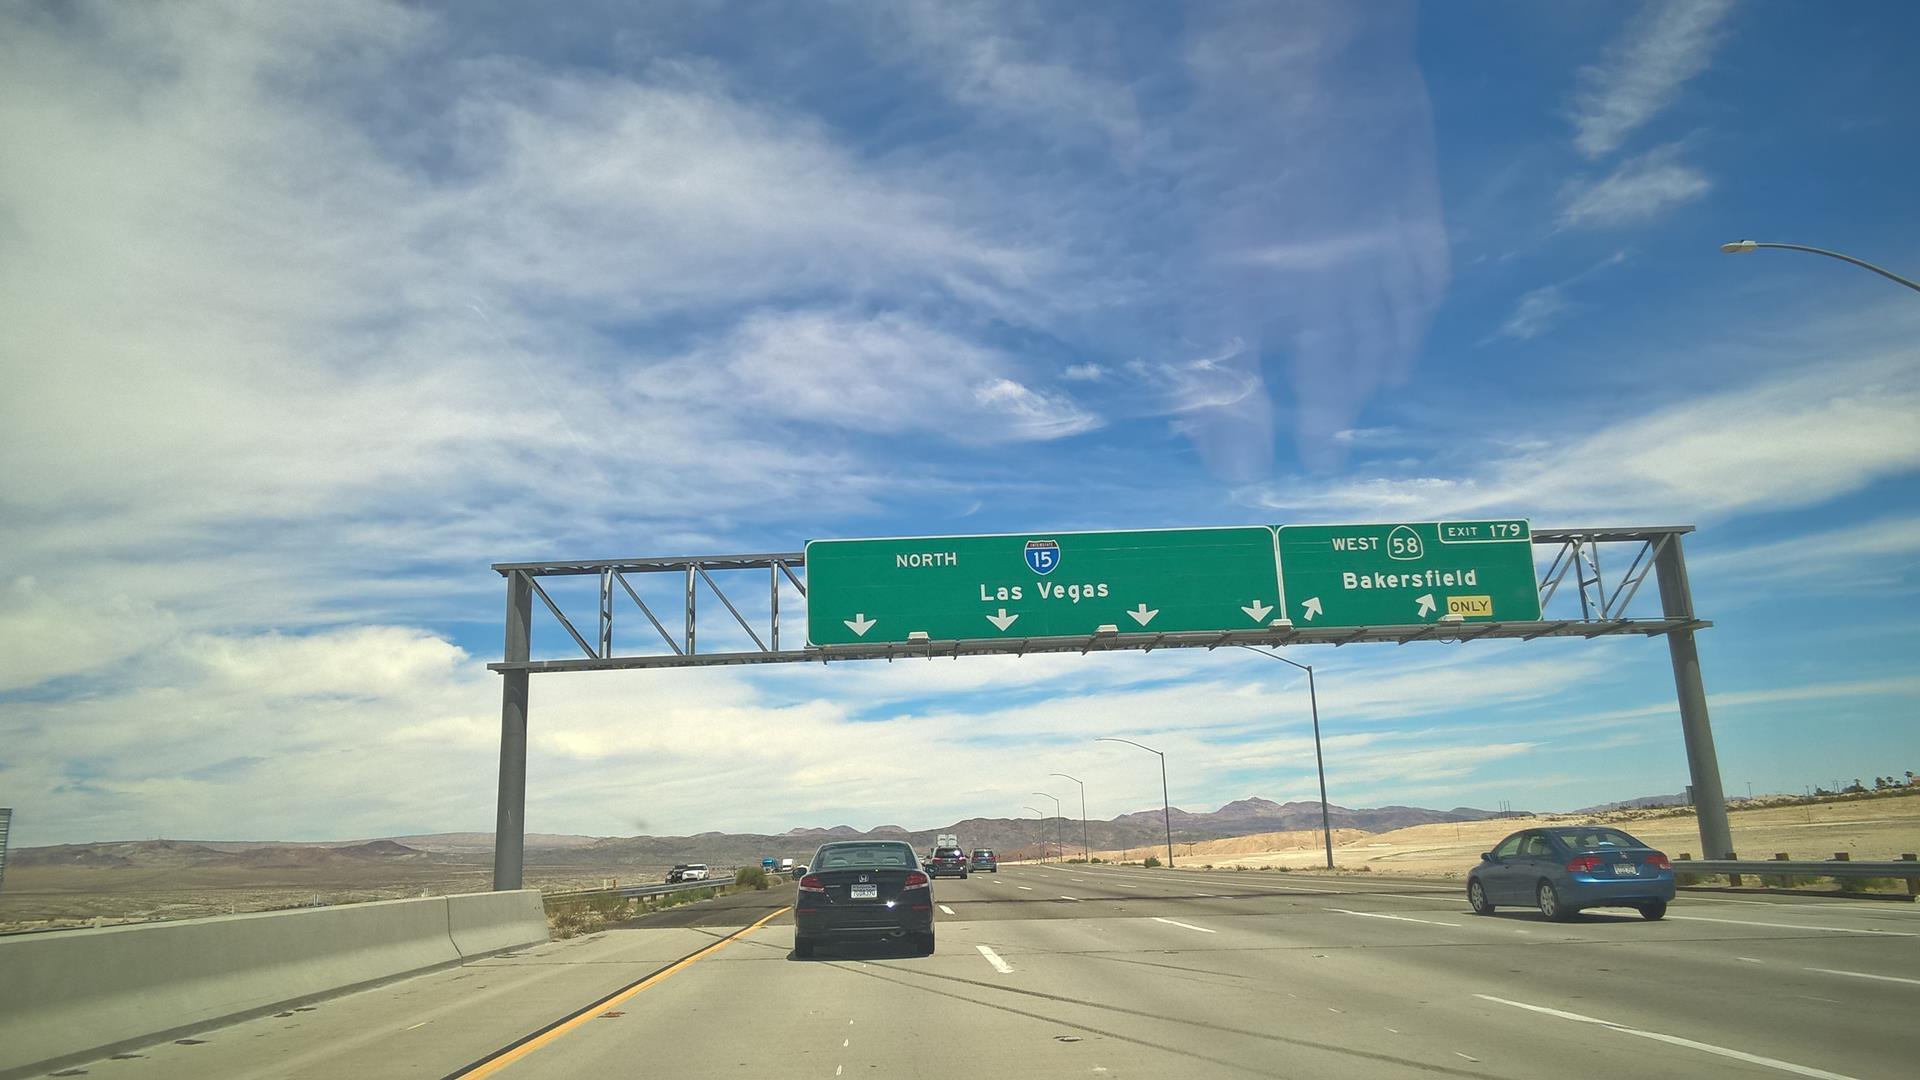 ... schließlich nach Las Vegas